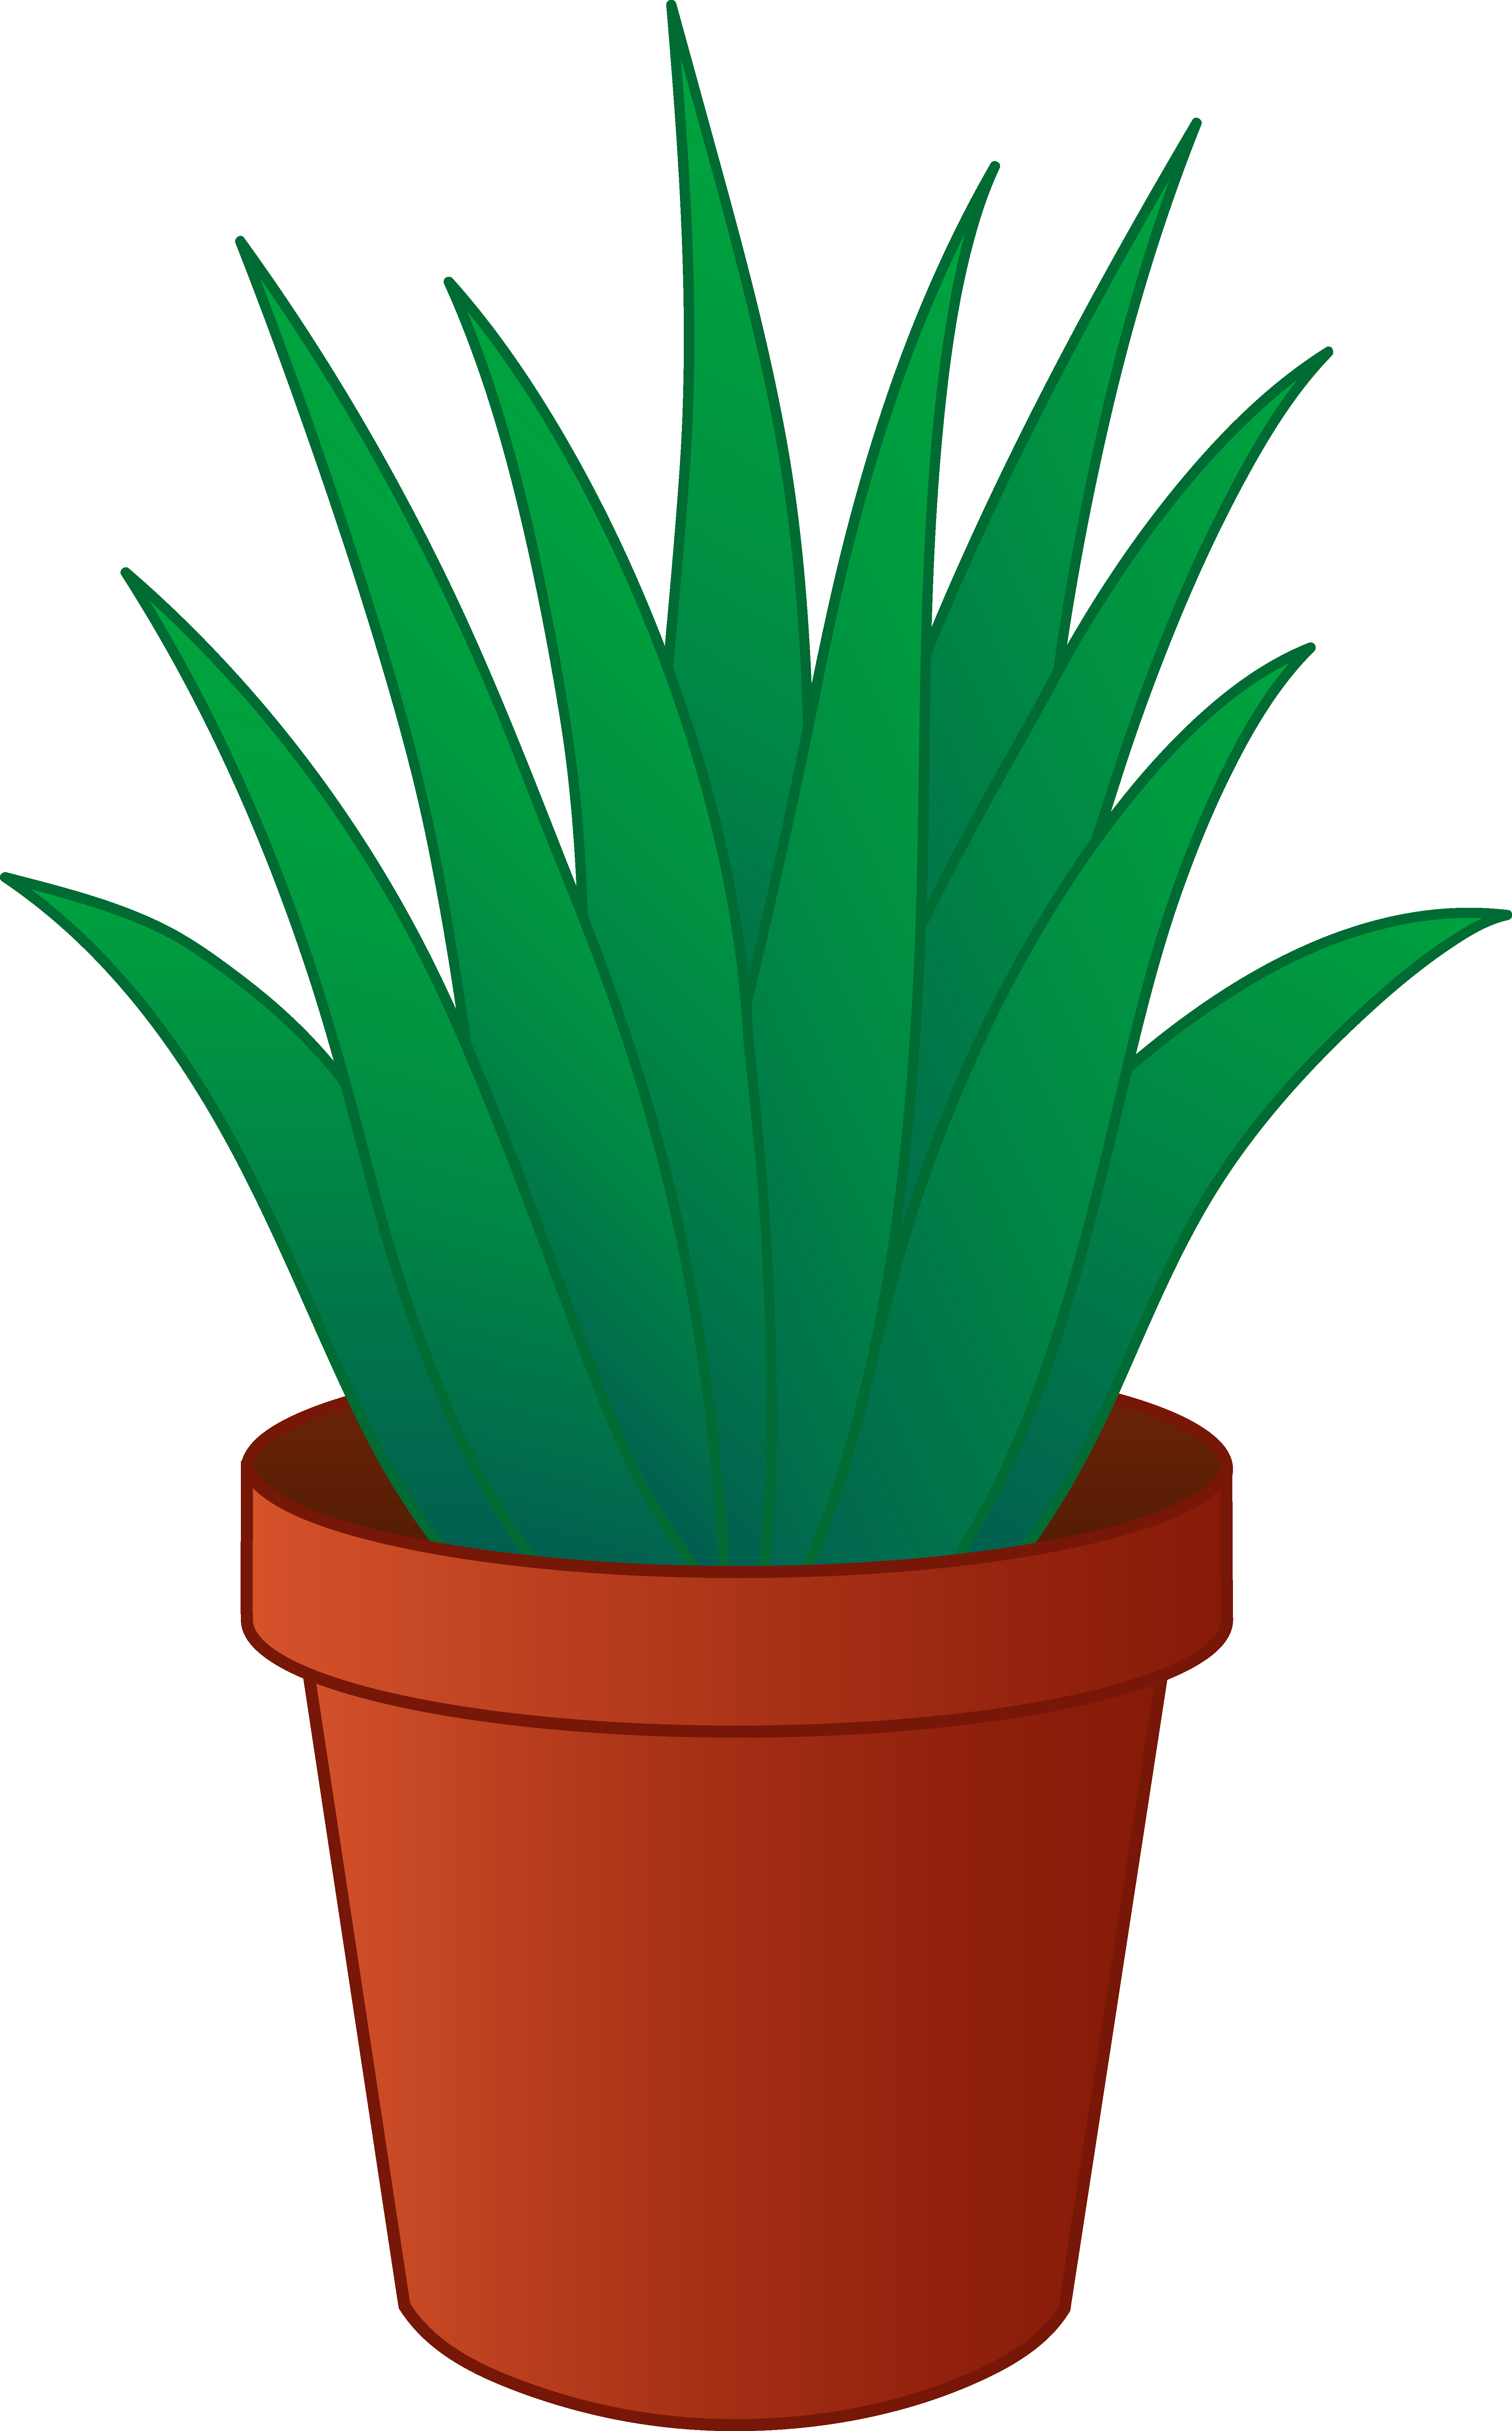 Plant Clipart-plant clipart-11